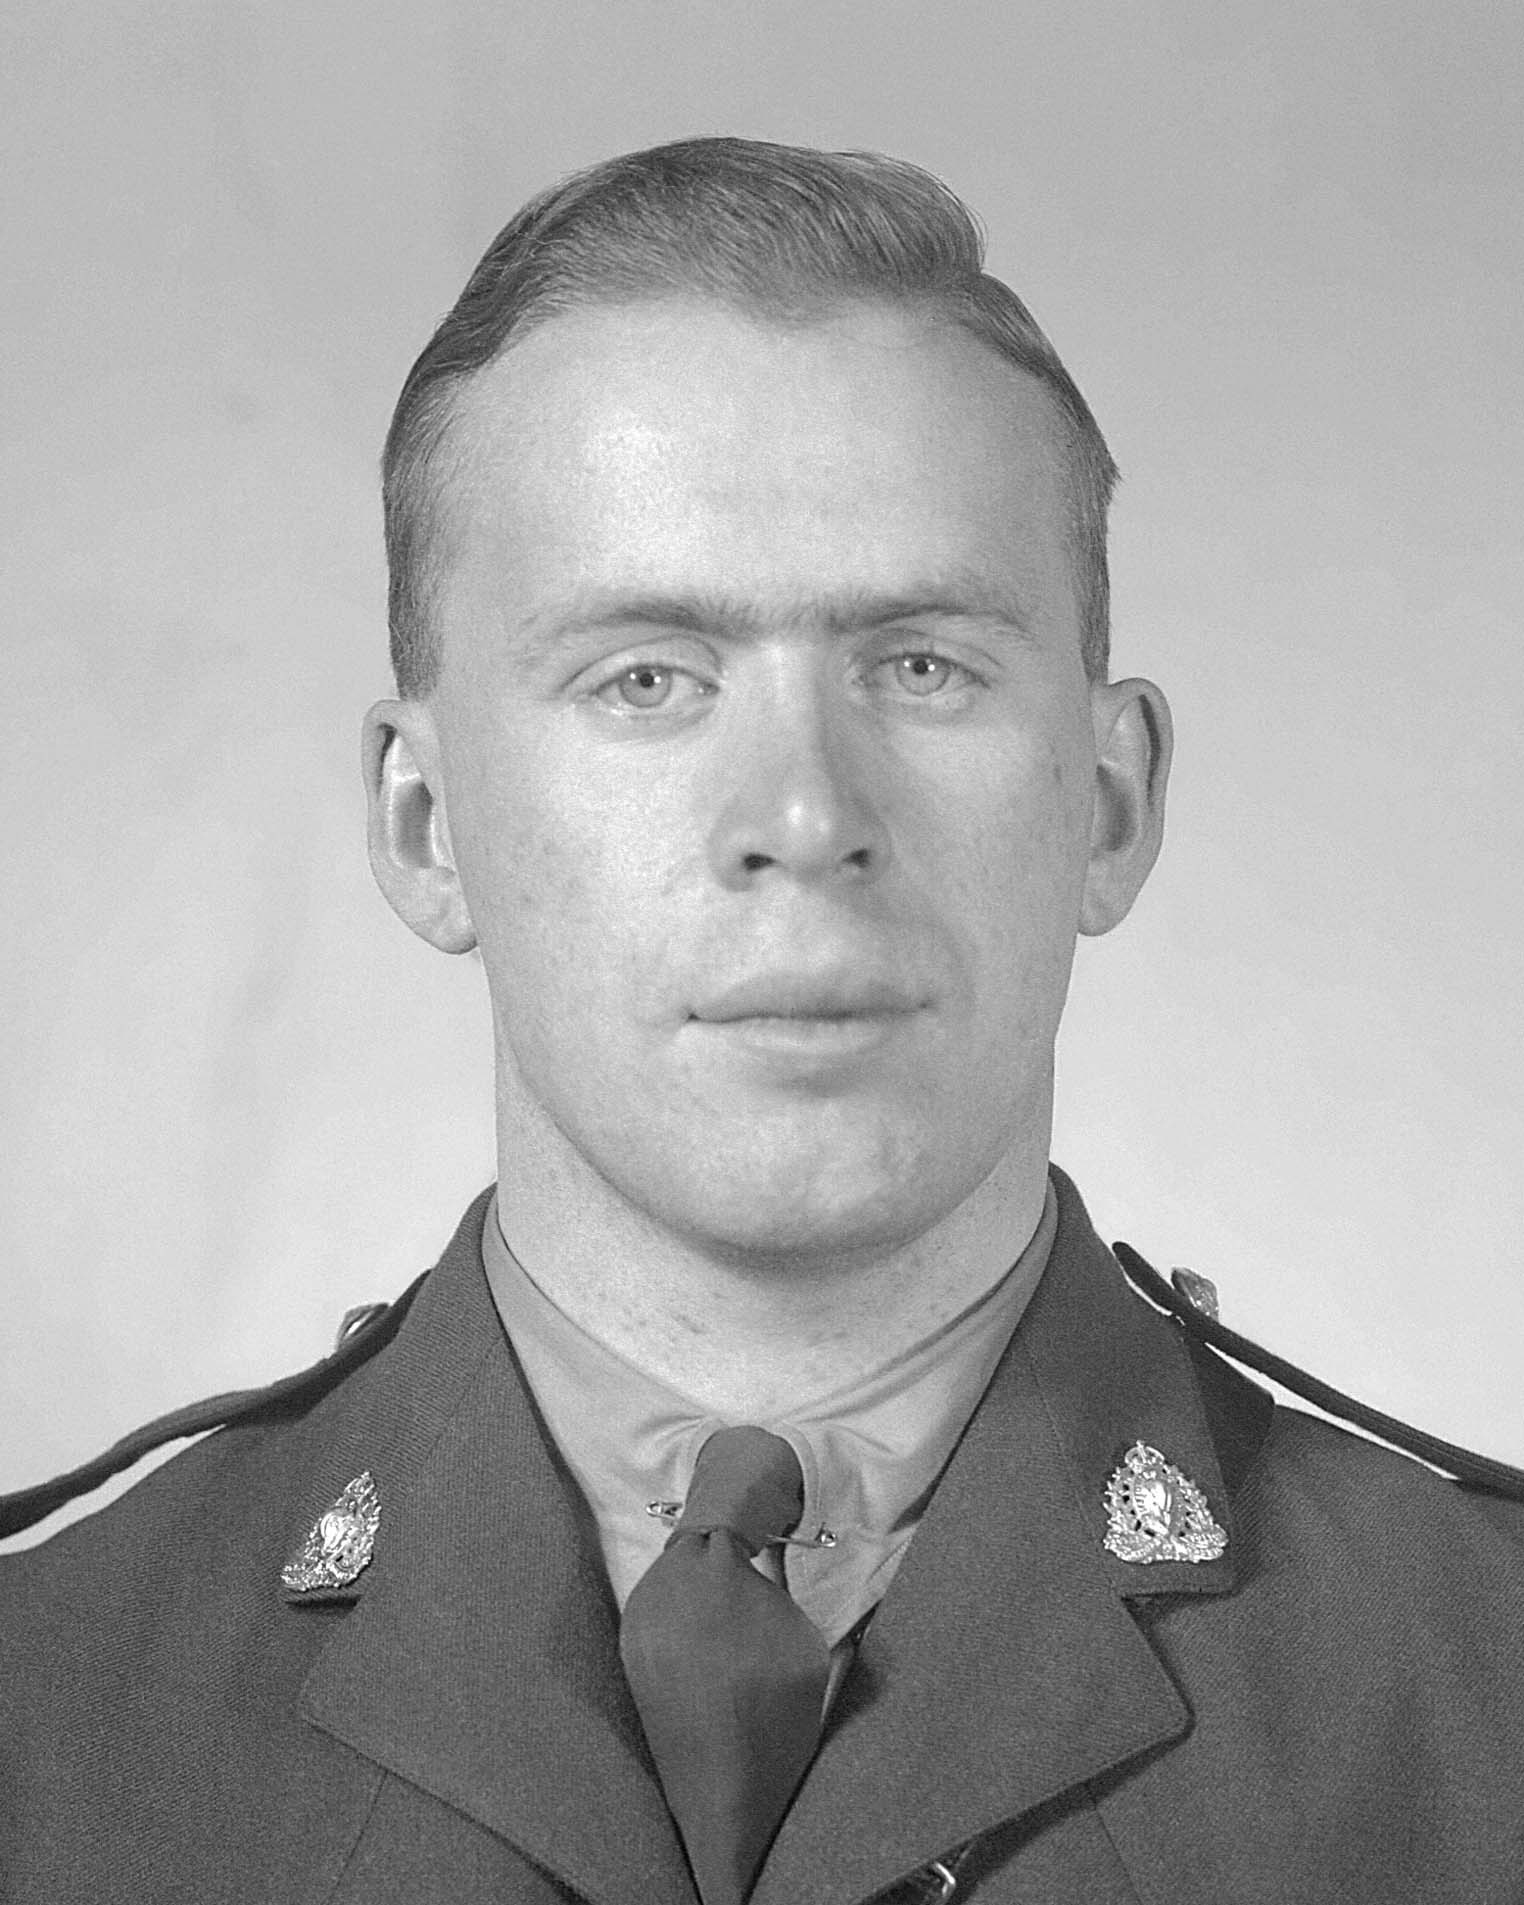 Corporal Herbert Milton Smart